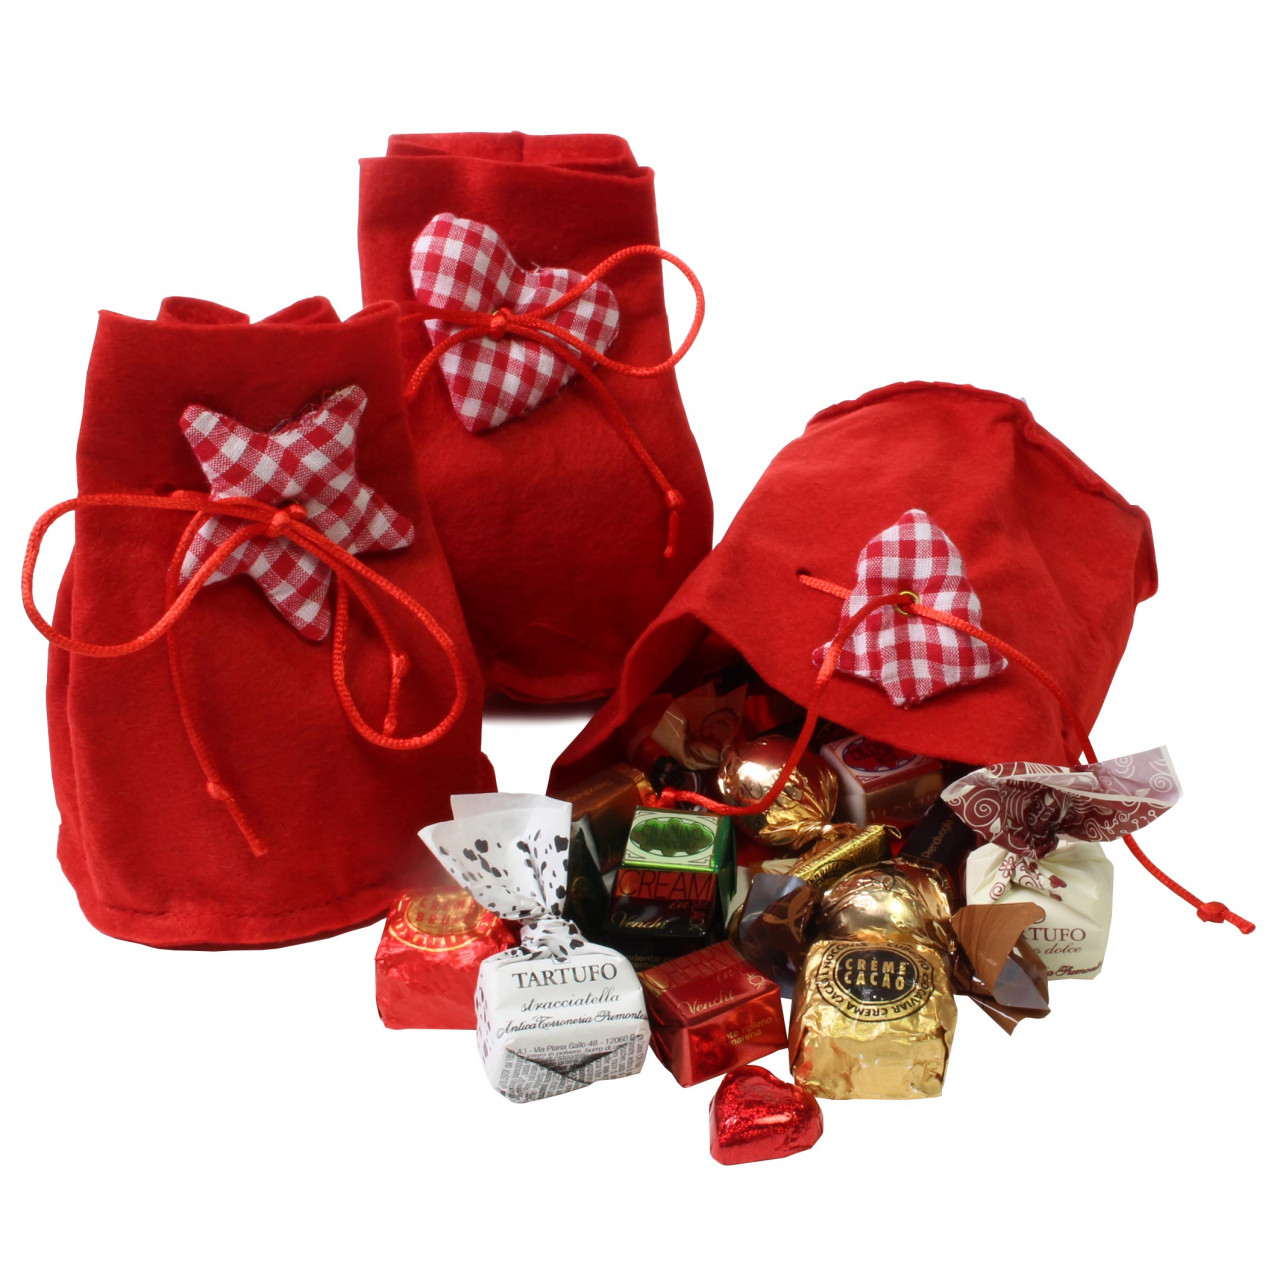 dark chocolate, chocolat noir, Weihnachten, Christmas, Noel, Weihnachtsgeschenk, present